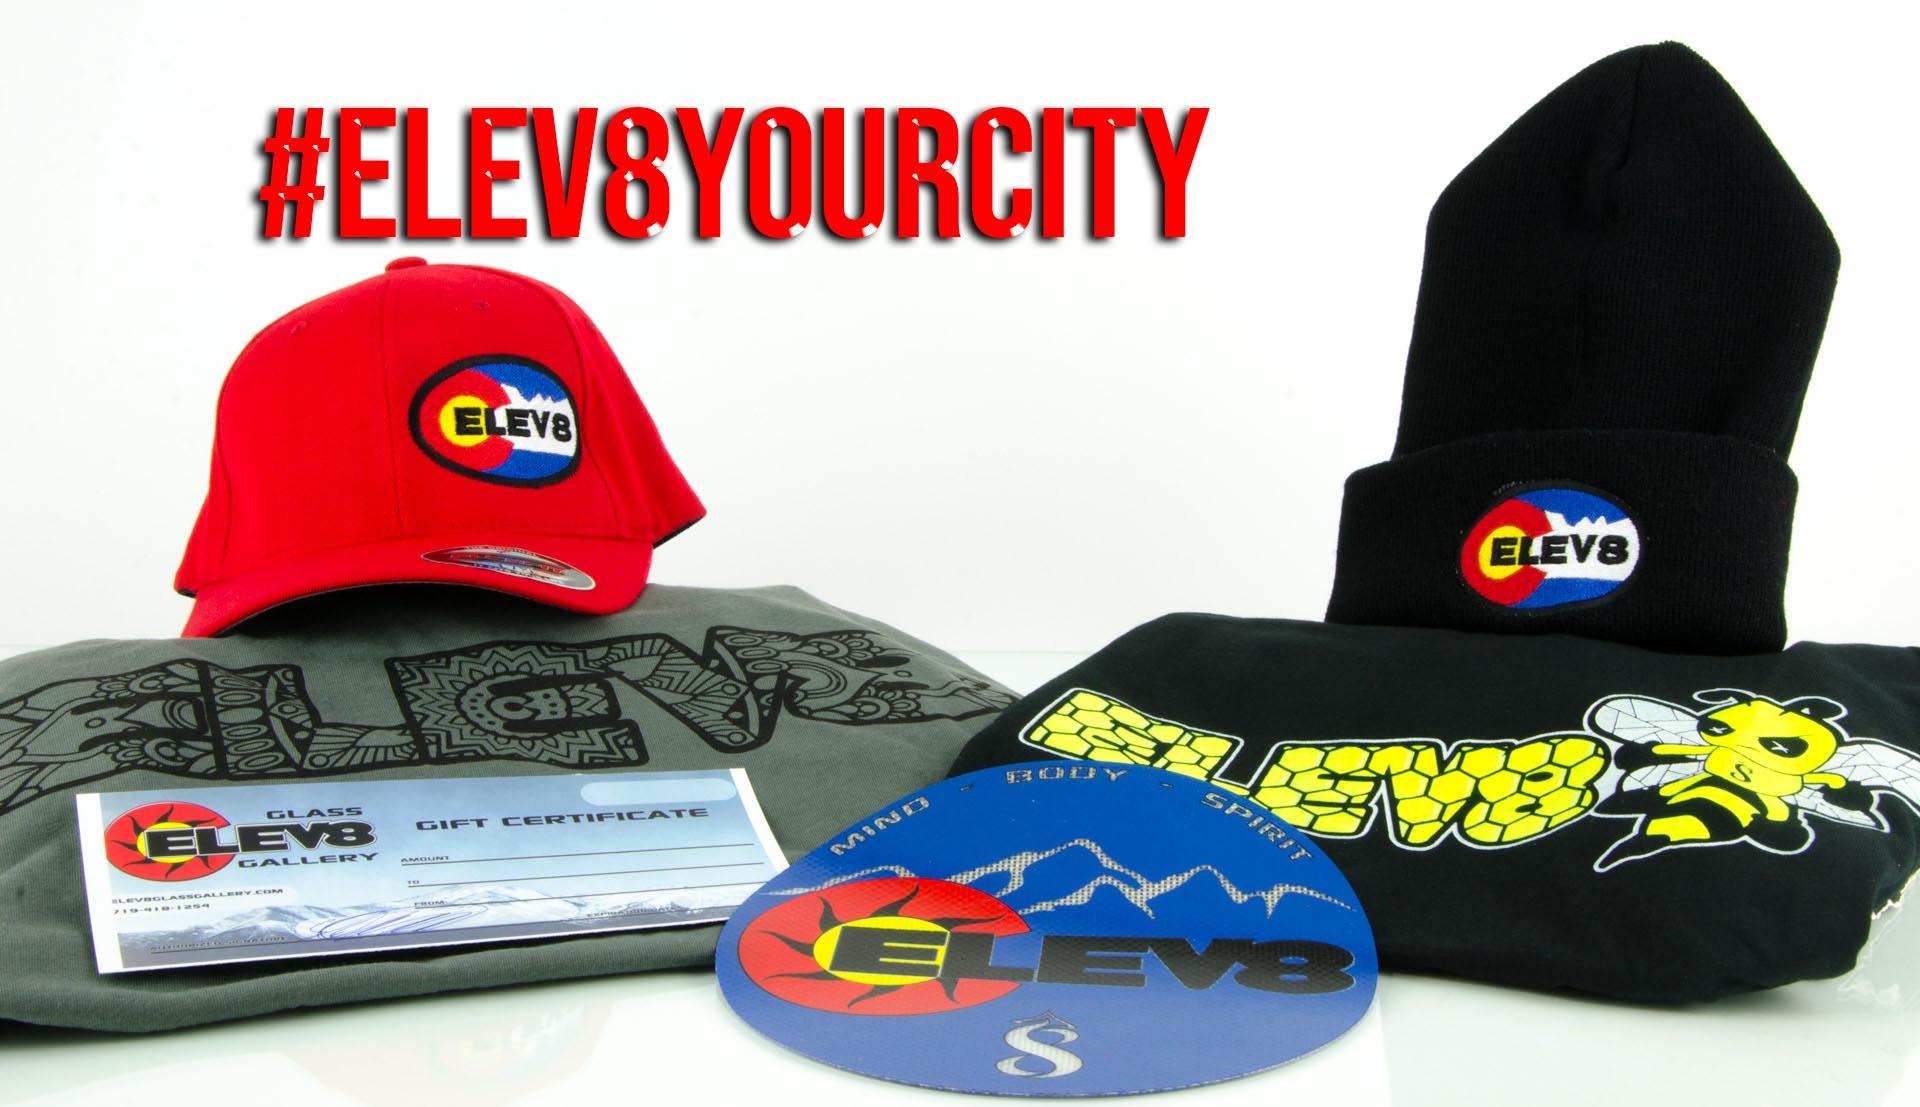 #elev8yourcity prize